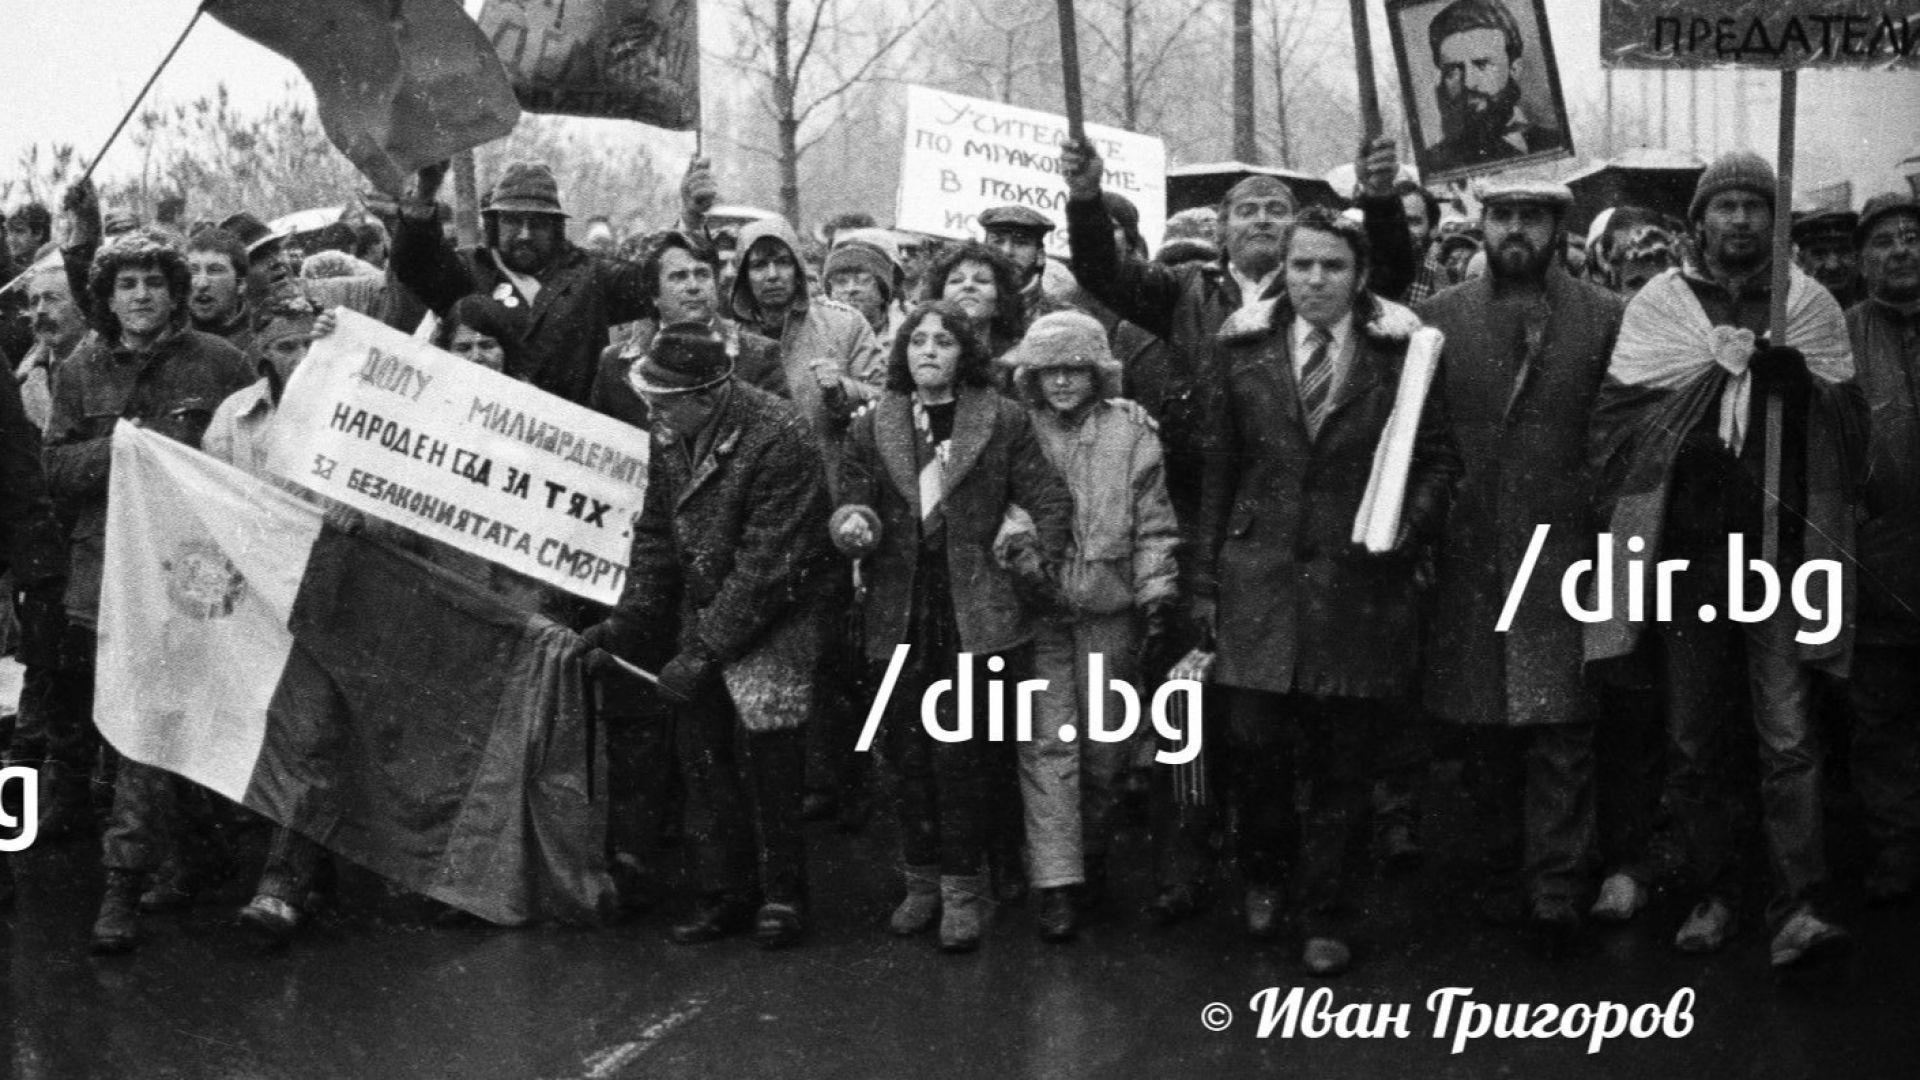 Депутатите си спомниха за декемврийските събития отпреди 30 г.